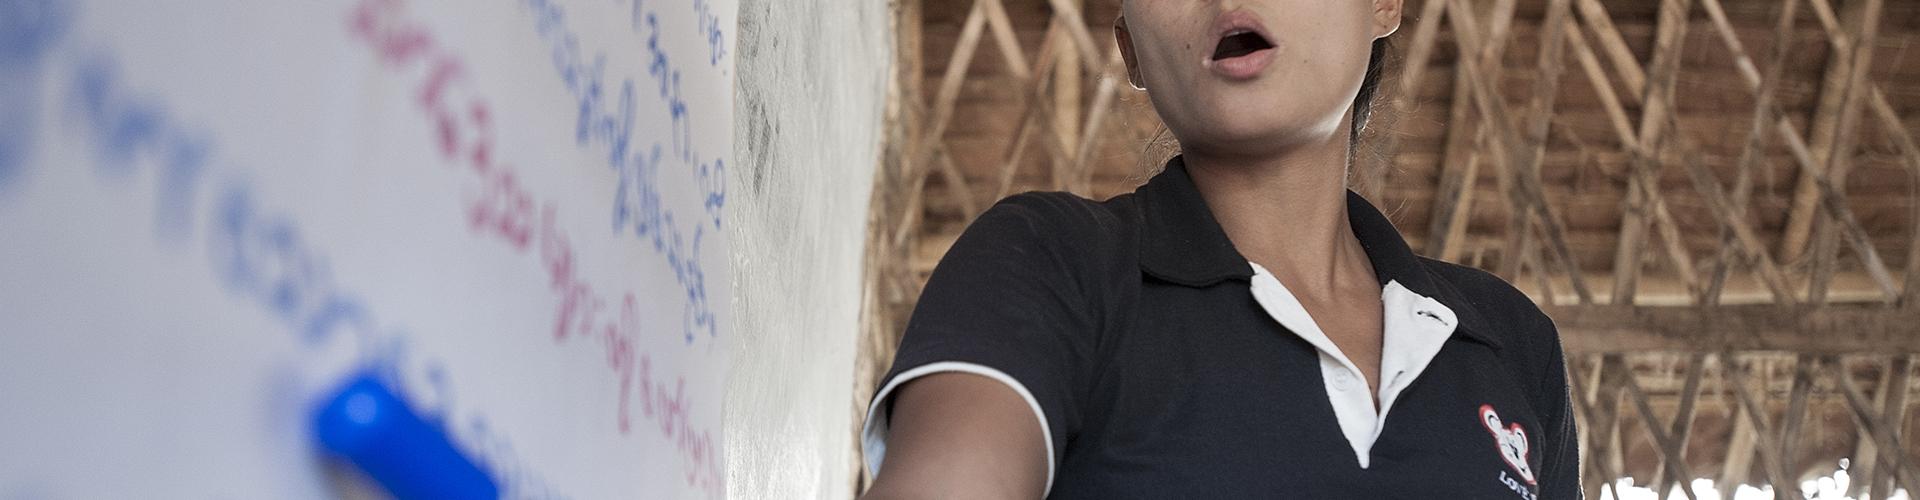 คุณครูซู เมย์ กำลังสอนภาษากะเหรี่ยงให้กับเด็กๆผู้ลี้ภัยในค่ายเพื่อให้พวกเขาได้มีความรู้และรักษาวัฒนธรรมบ้านเกิด